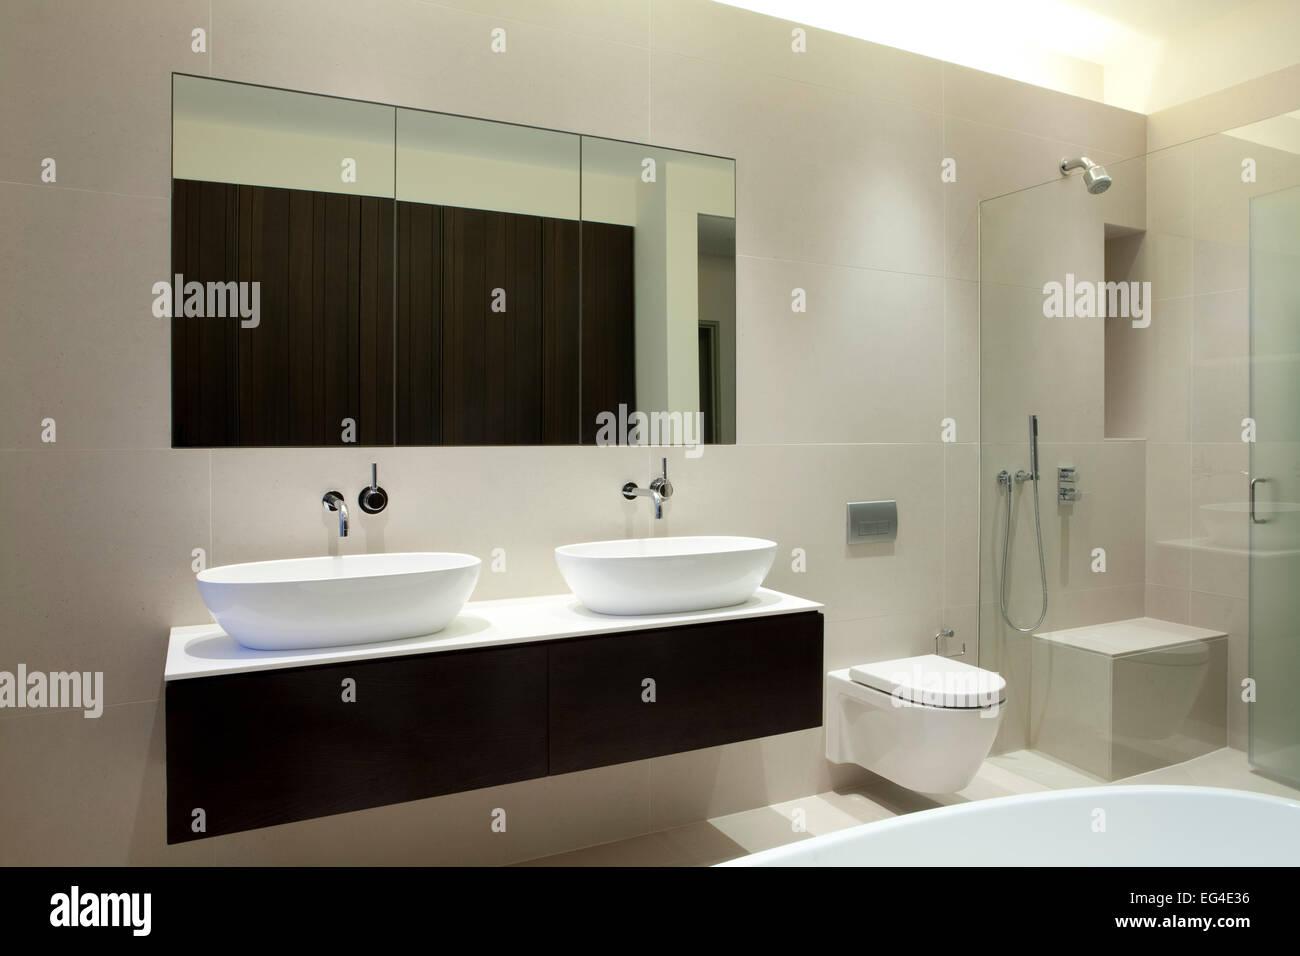 Bad, Design, modernes Interior Design, Waschbecken, Toilette, Dusche ...